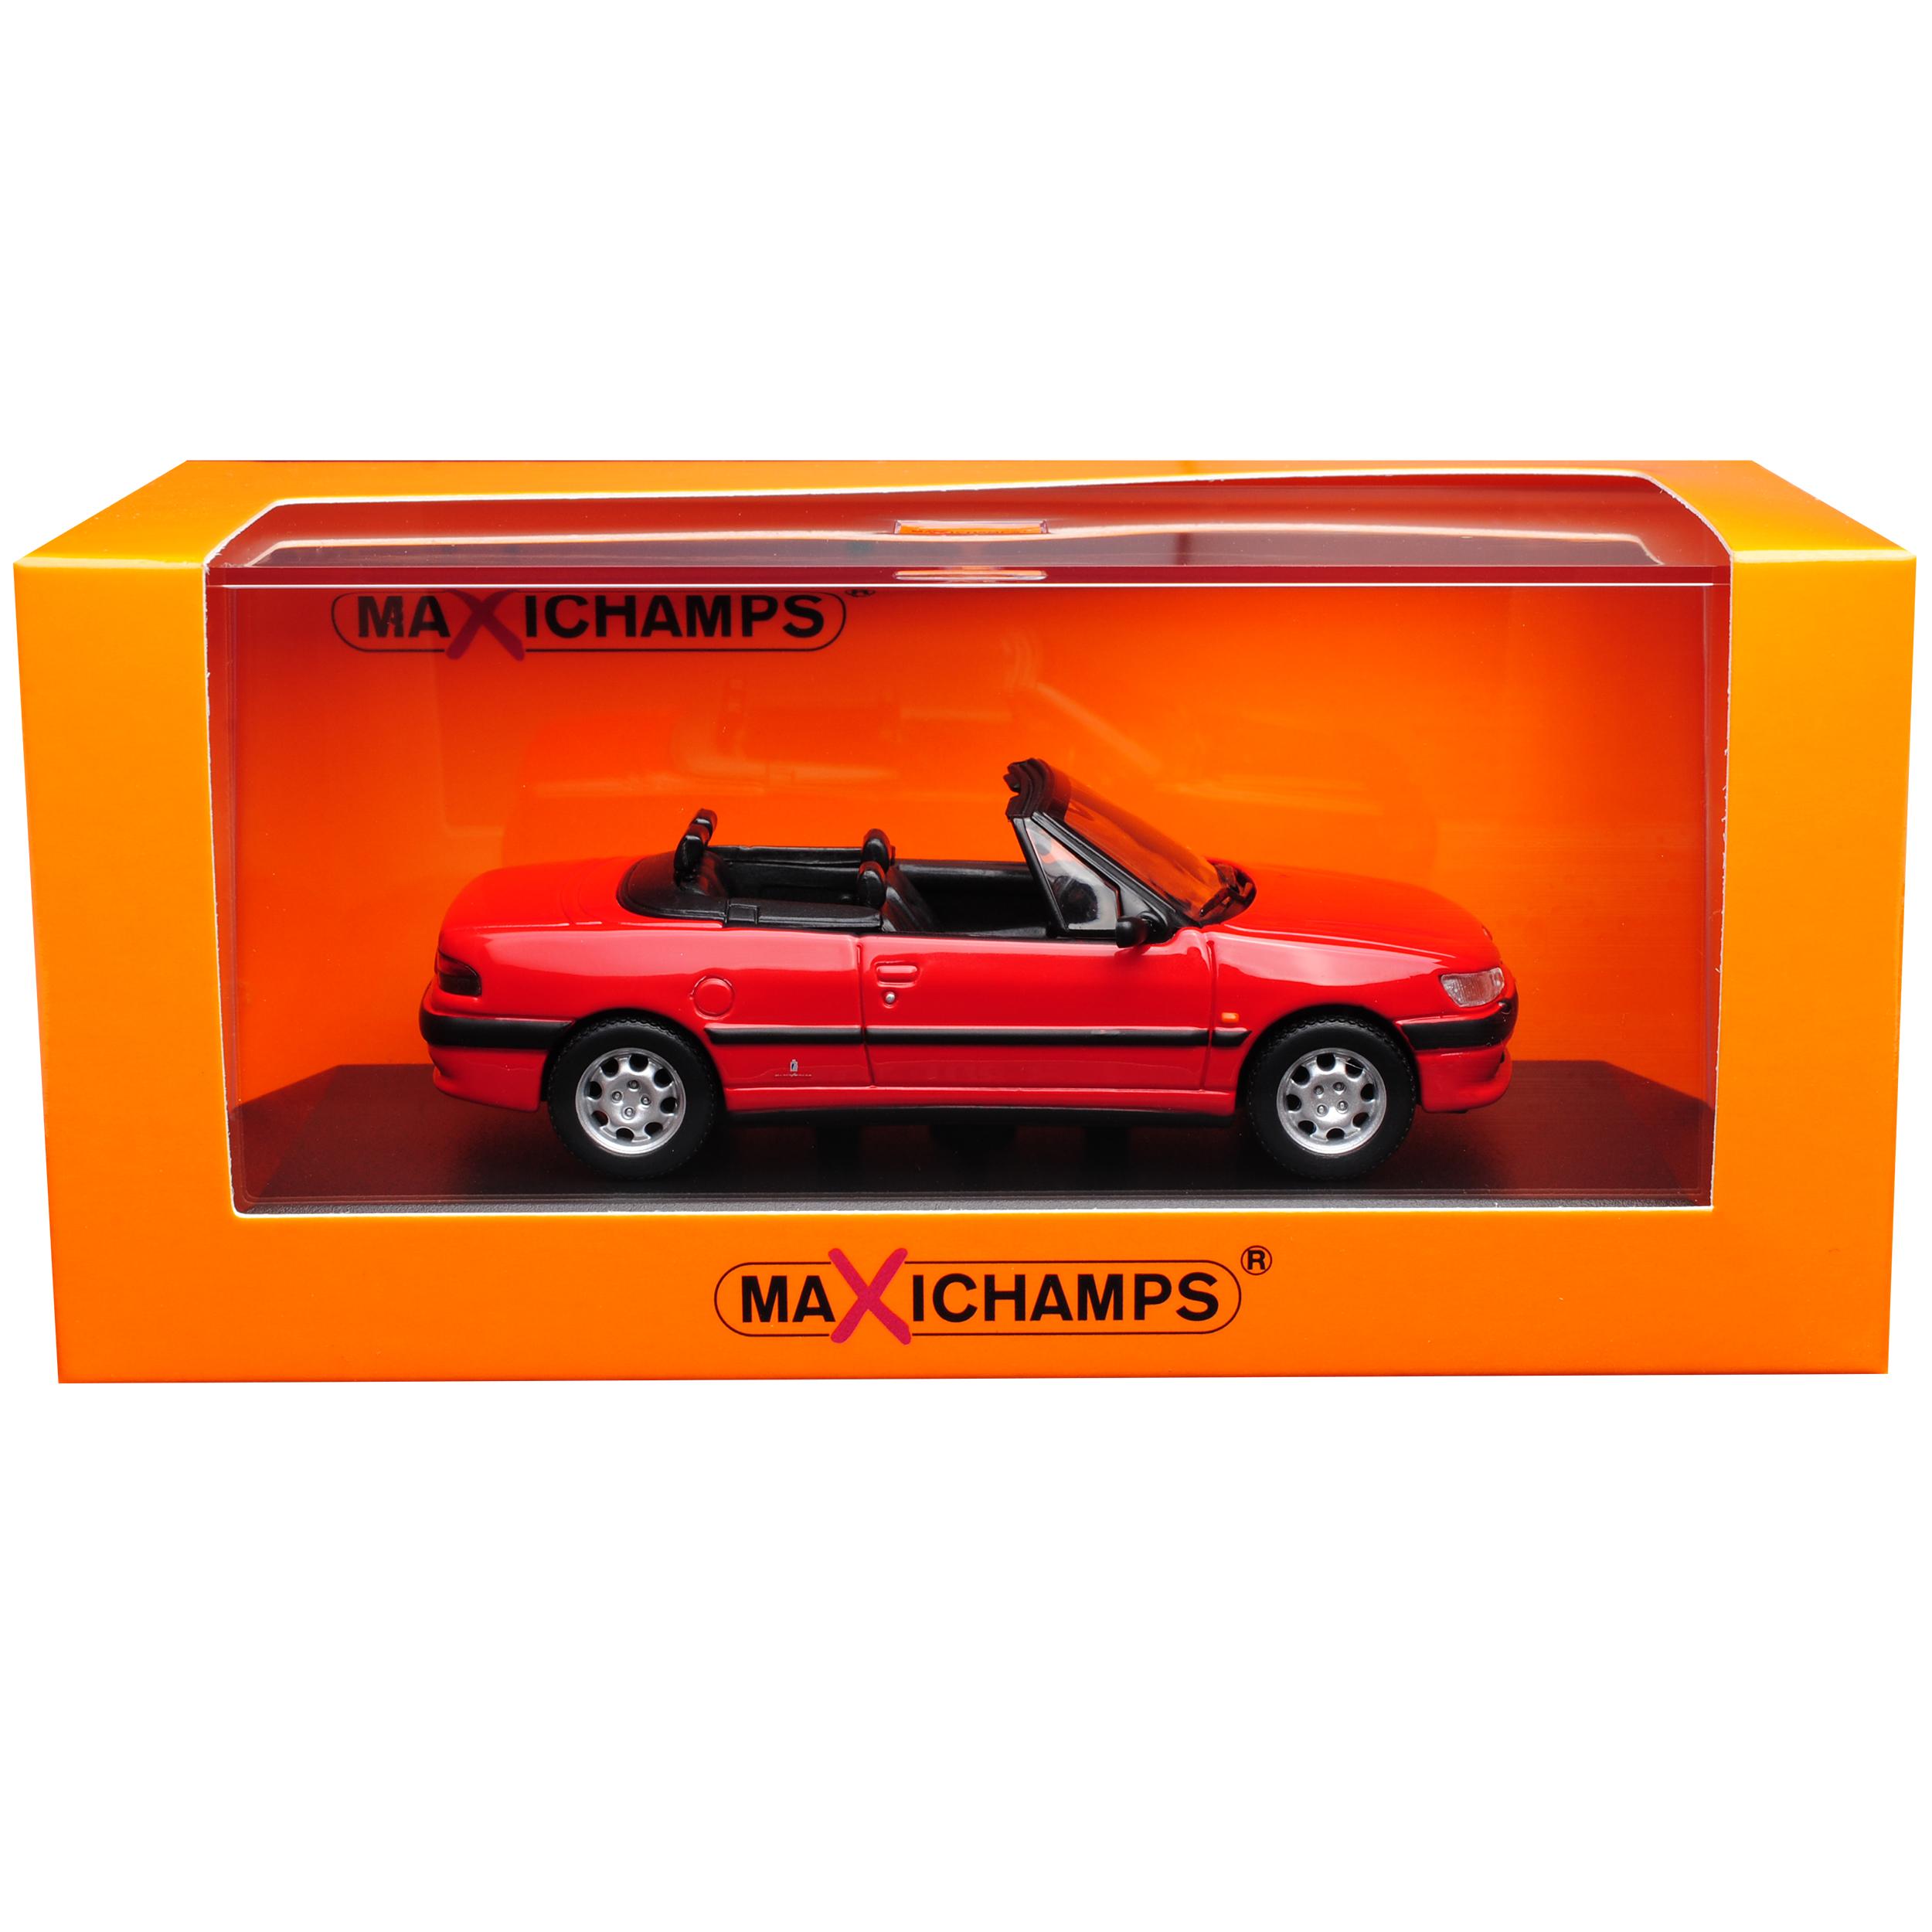 Peugeot 306 Cabrio rojo 1994-2002 1:43 coches de modelo de Minichamps Maxichamps con od...